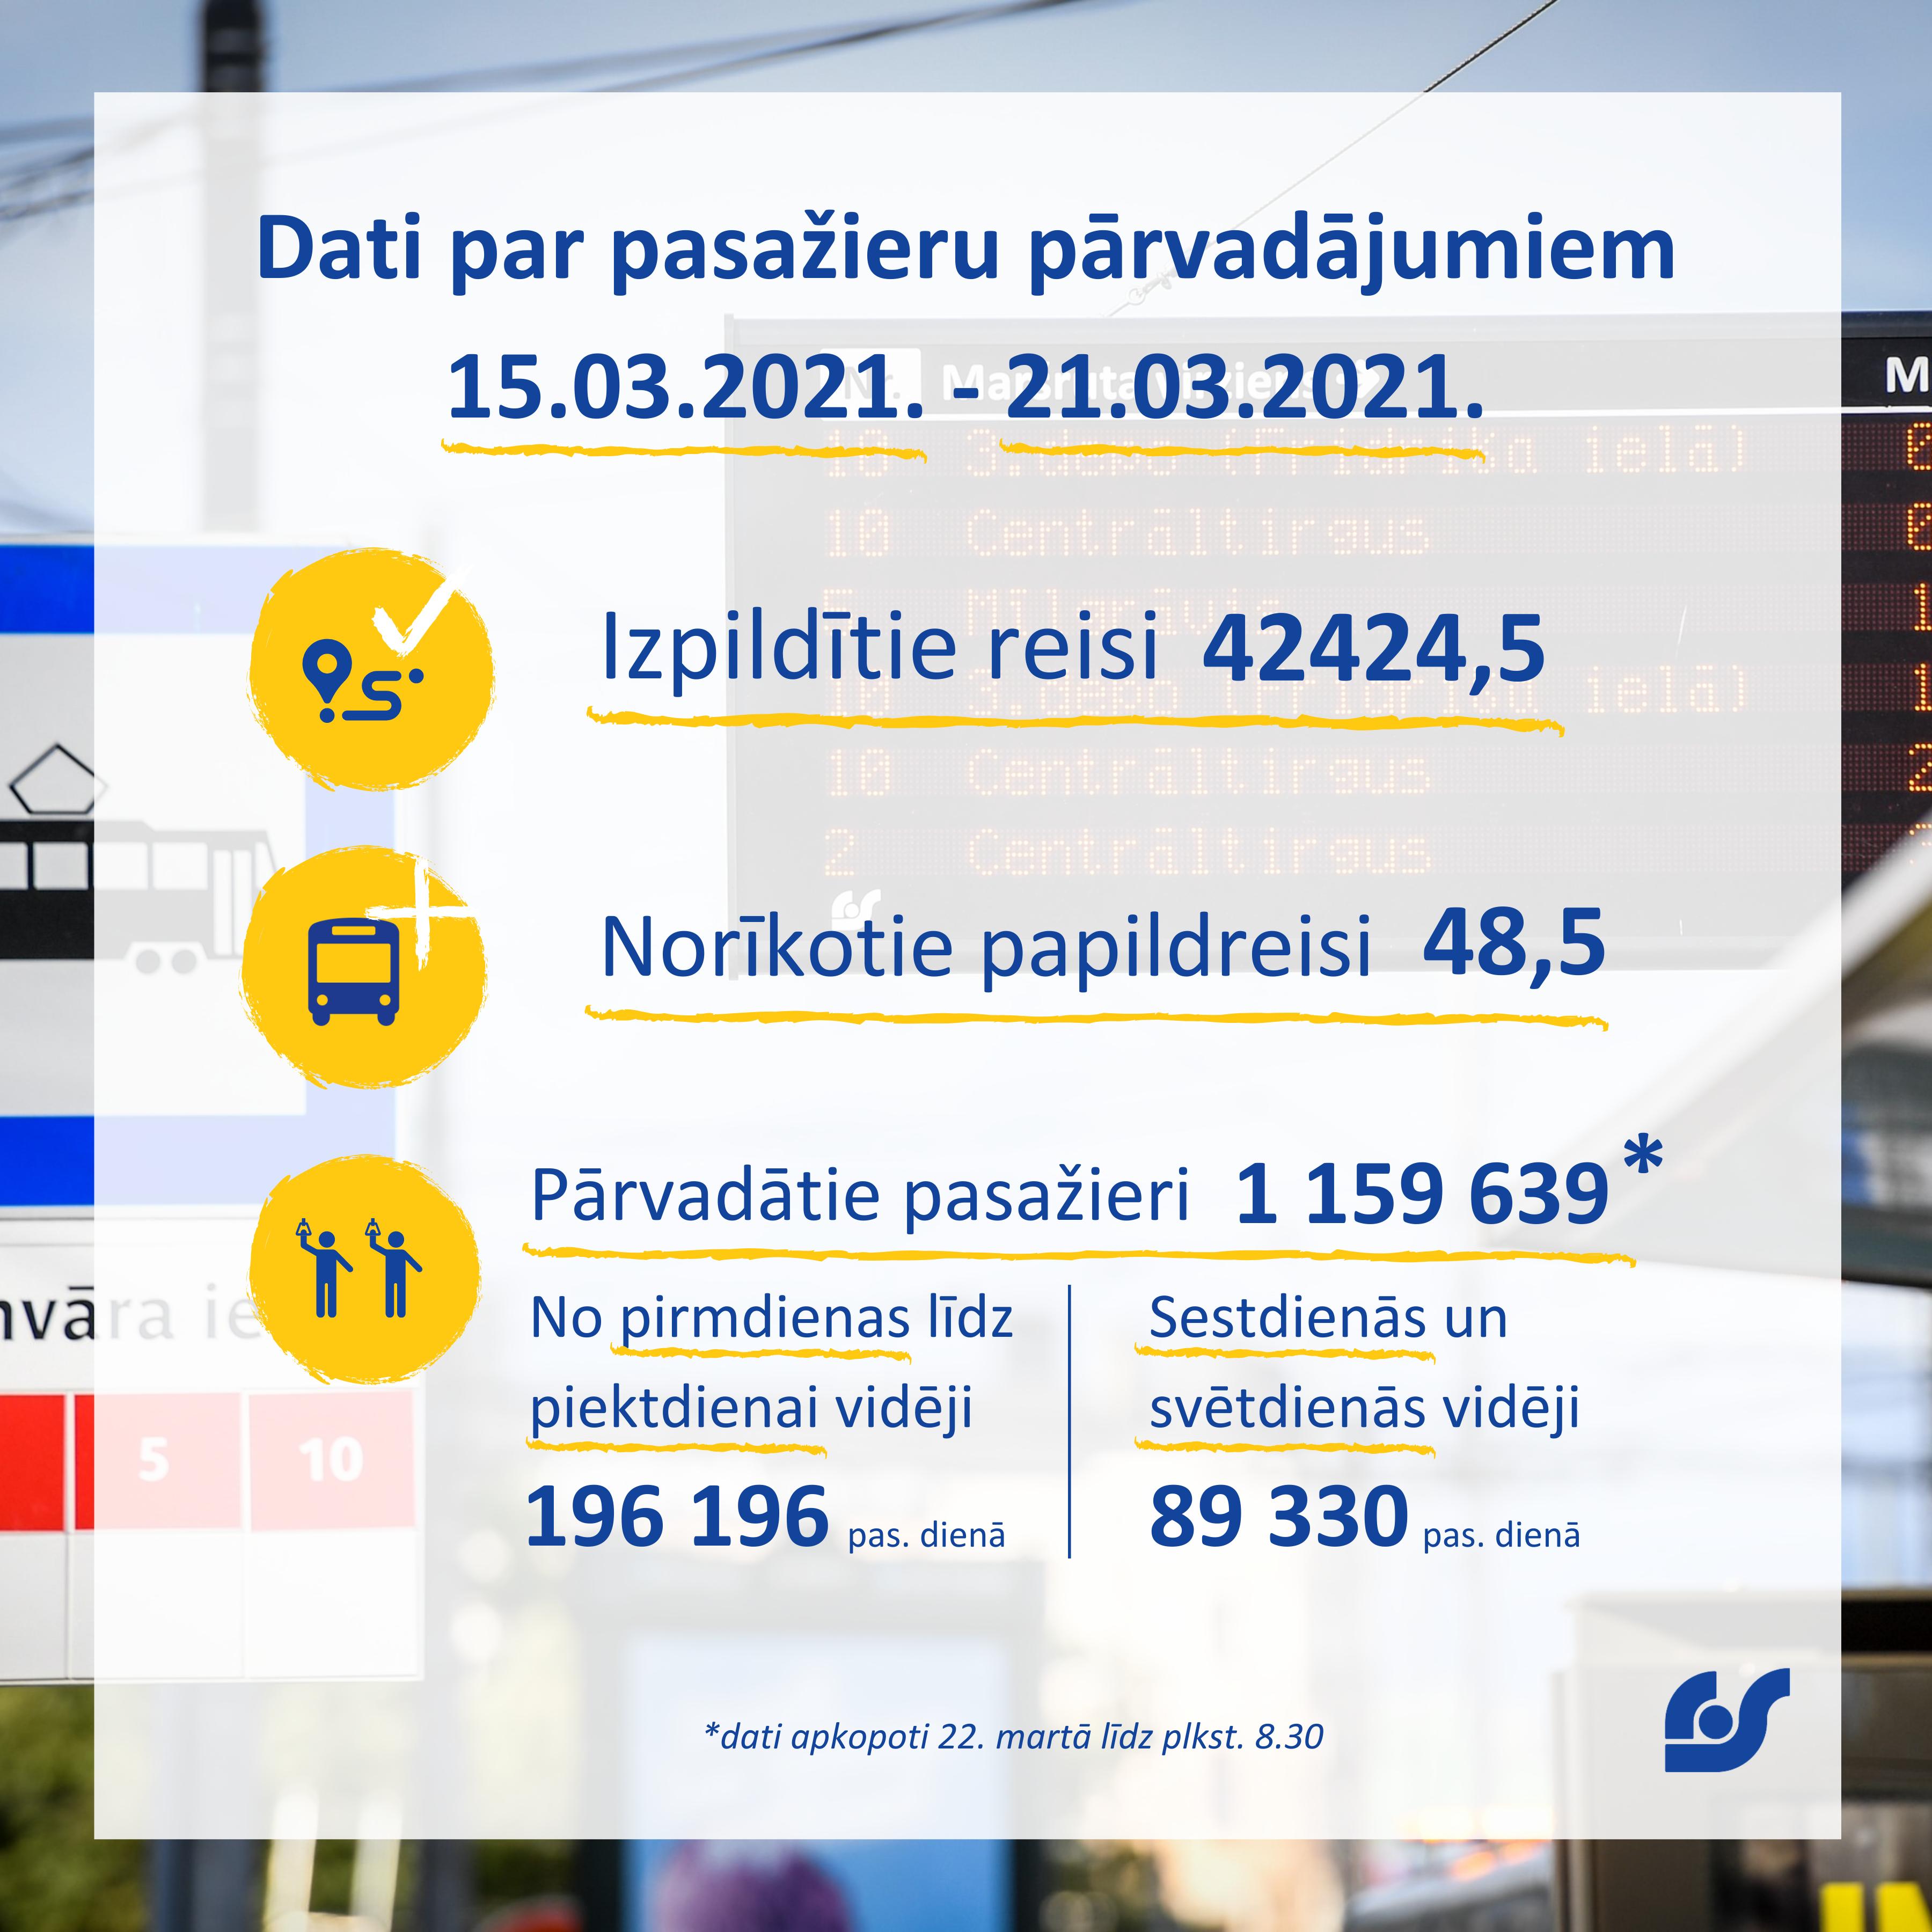 Copy of Copy of Dati par pasažieru pārvadājumiem 01.02.2021. - 07.02.2021..png